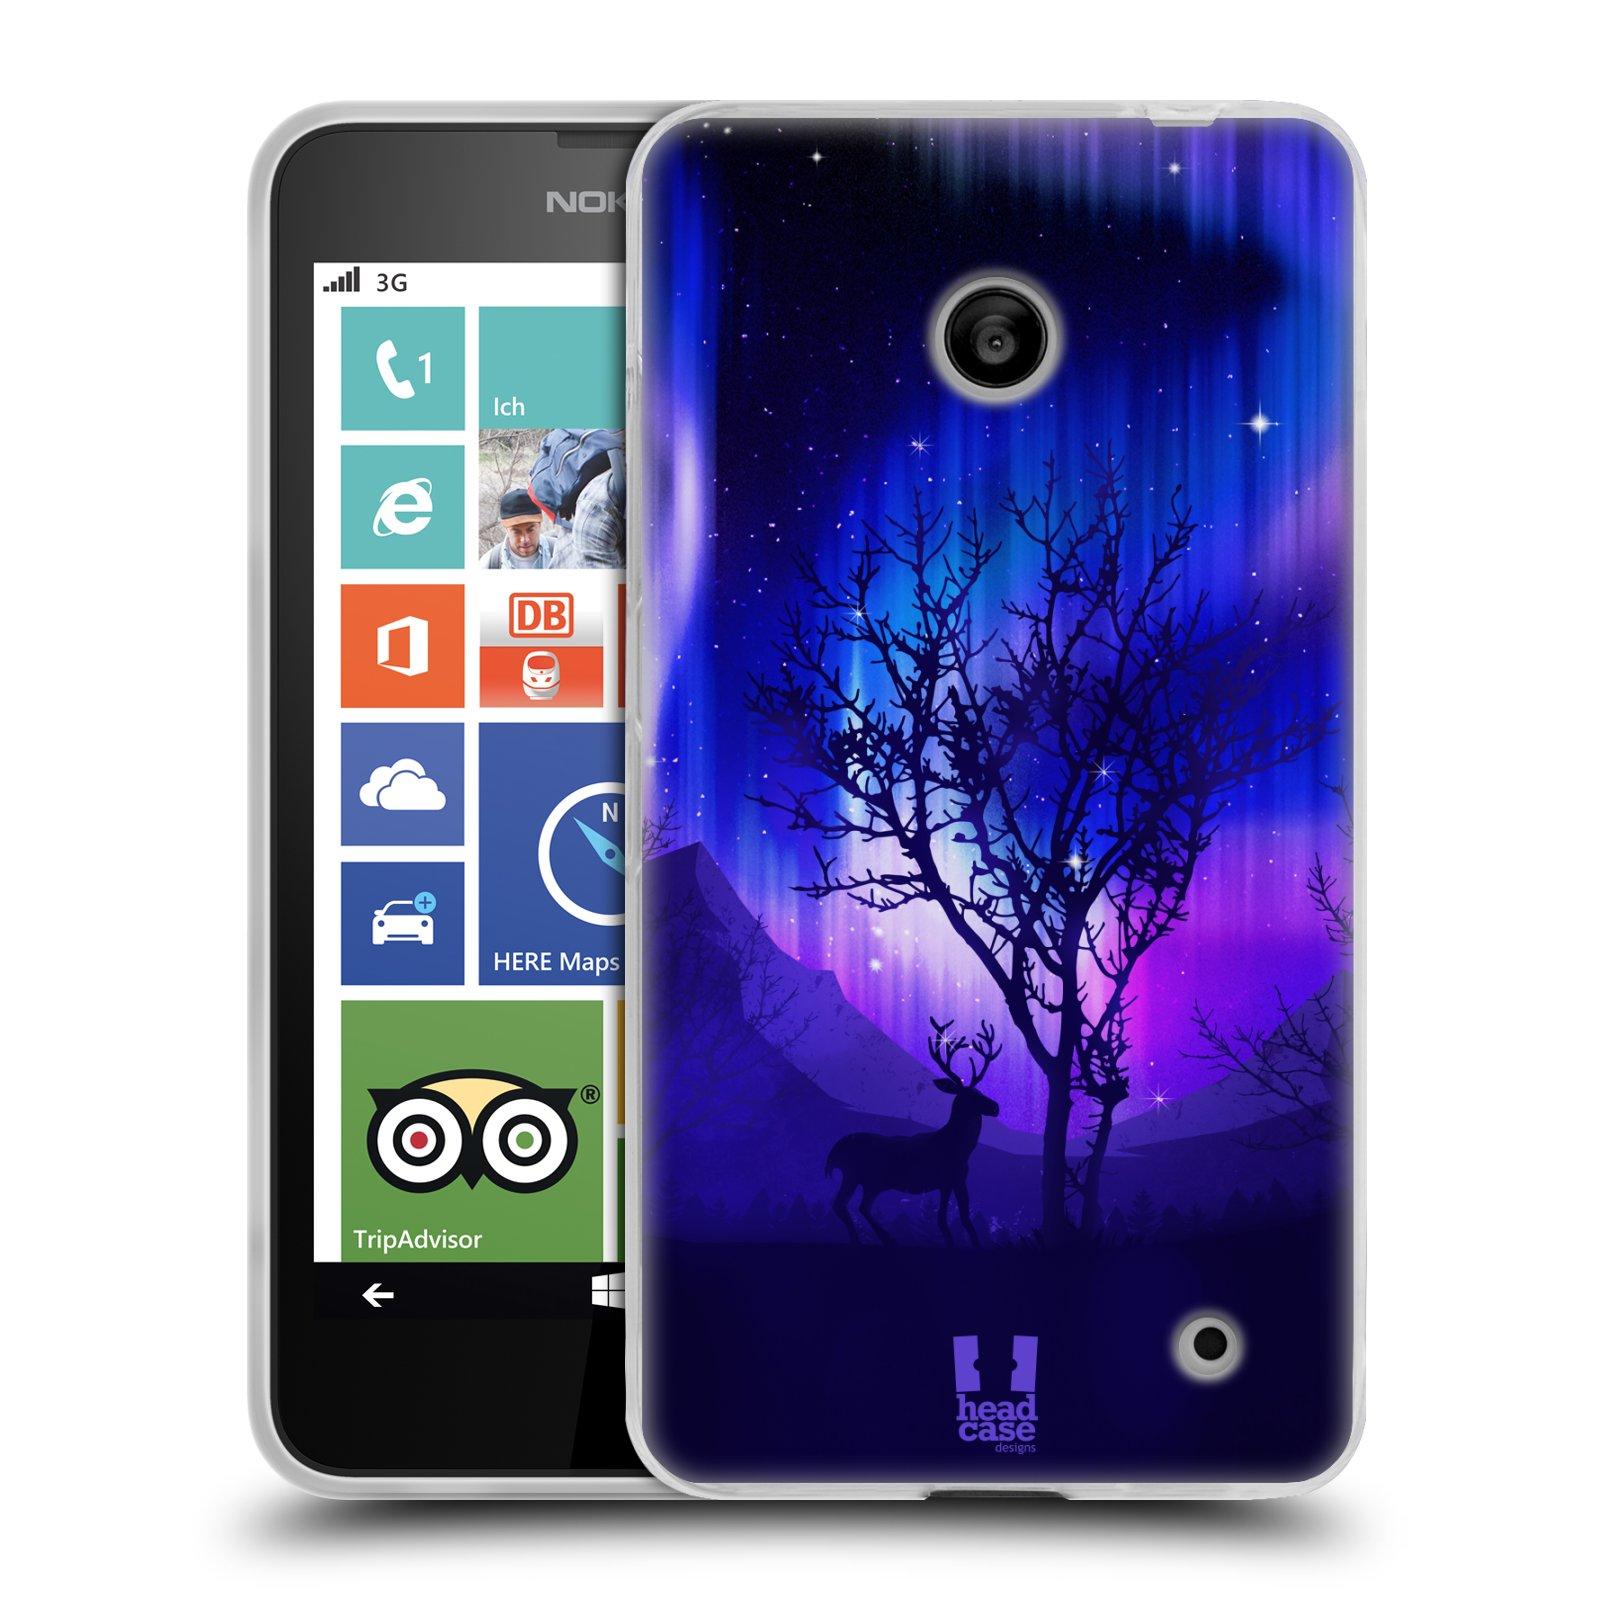 Silikonové pouzdro na mobil Nokia Lumia 630 HEAD CASE Polární Záře Strom (Silikonový kryt či obal na mobilní telefon Nokia Lumia 630 a Nokia Lumia 630 Dual SIM)